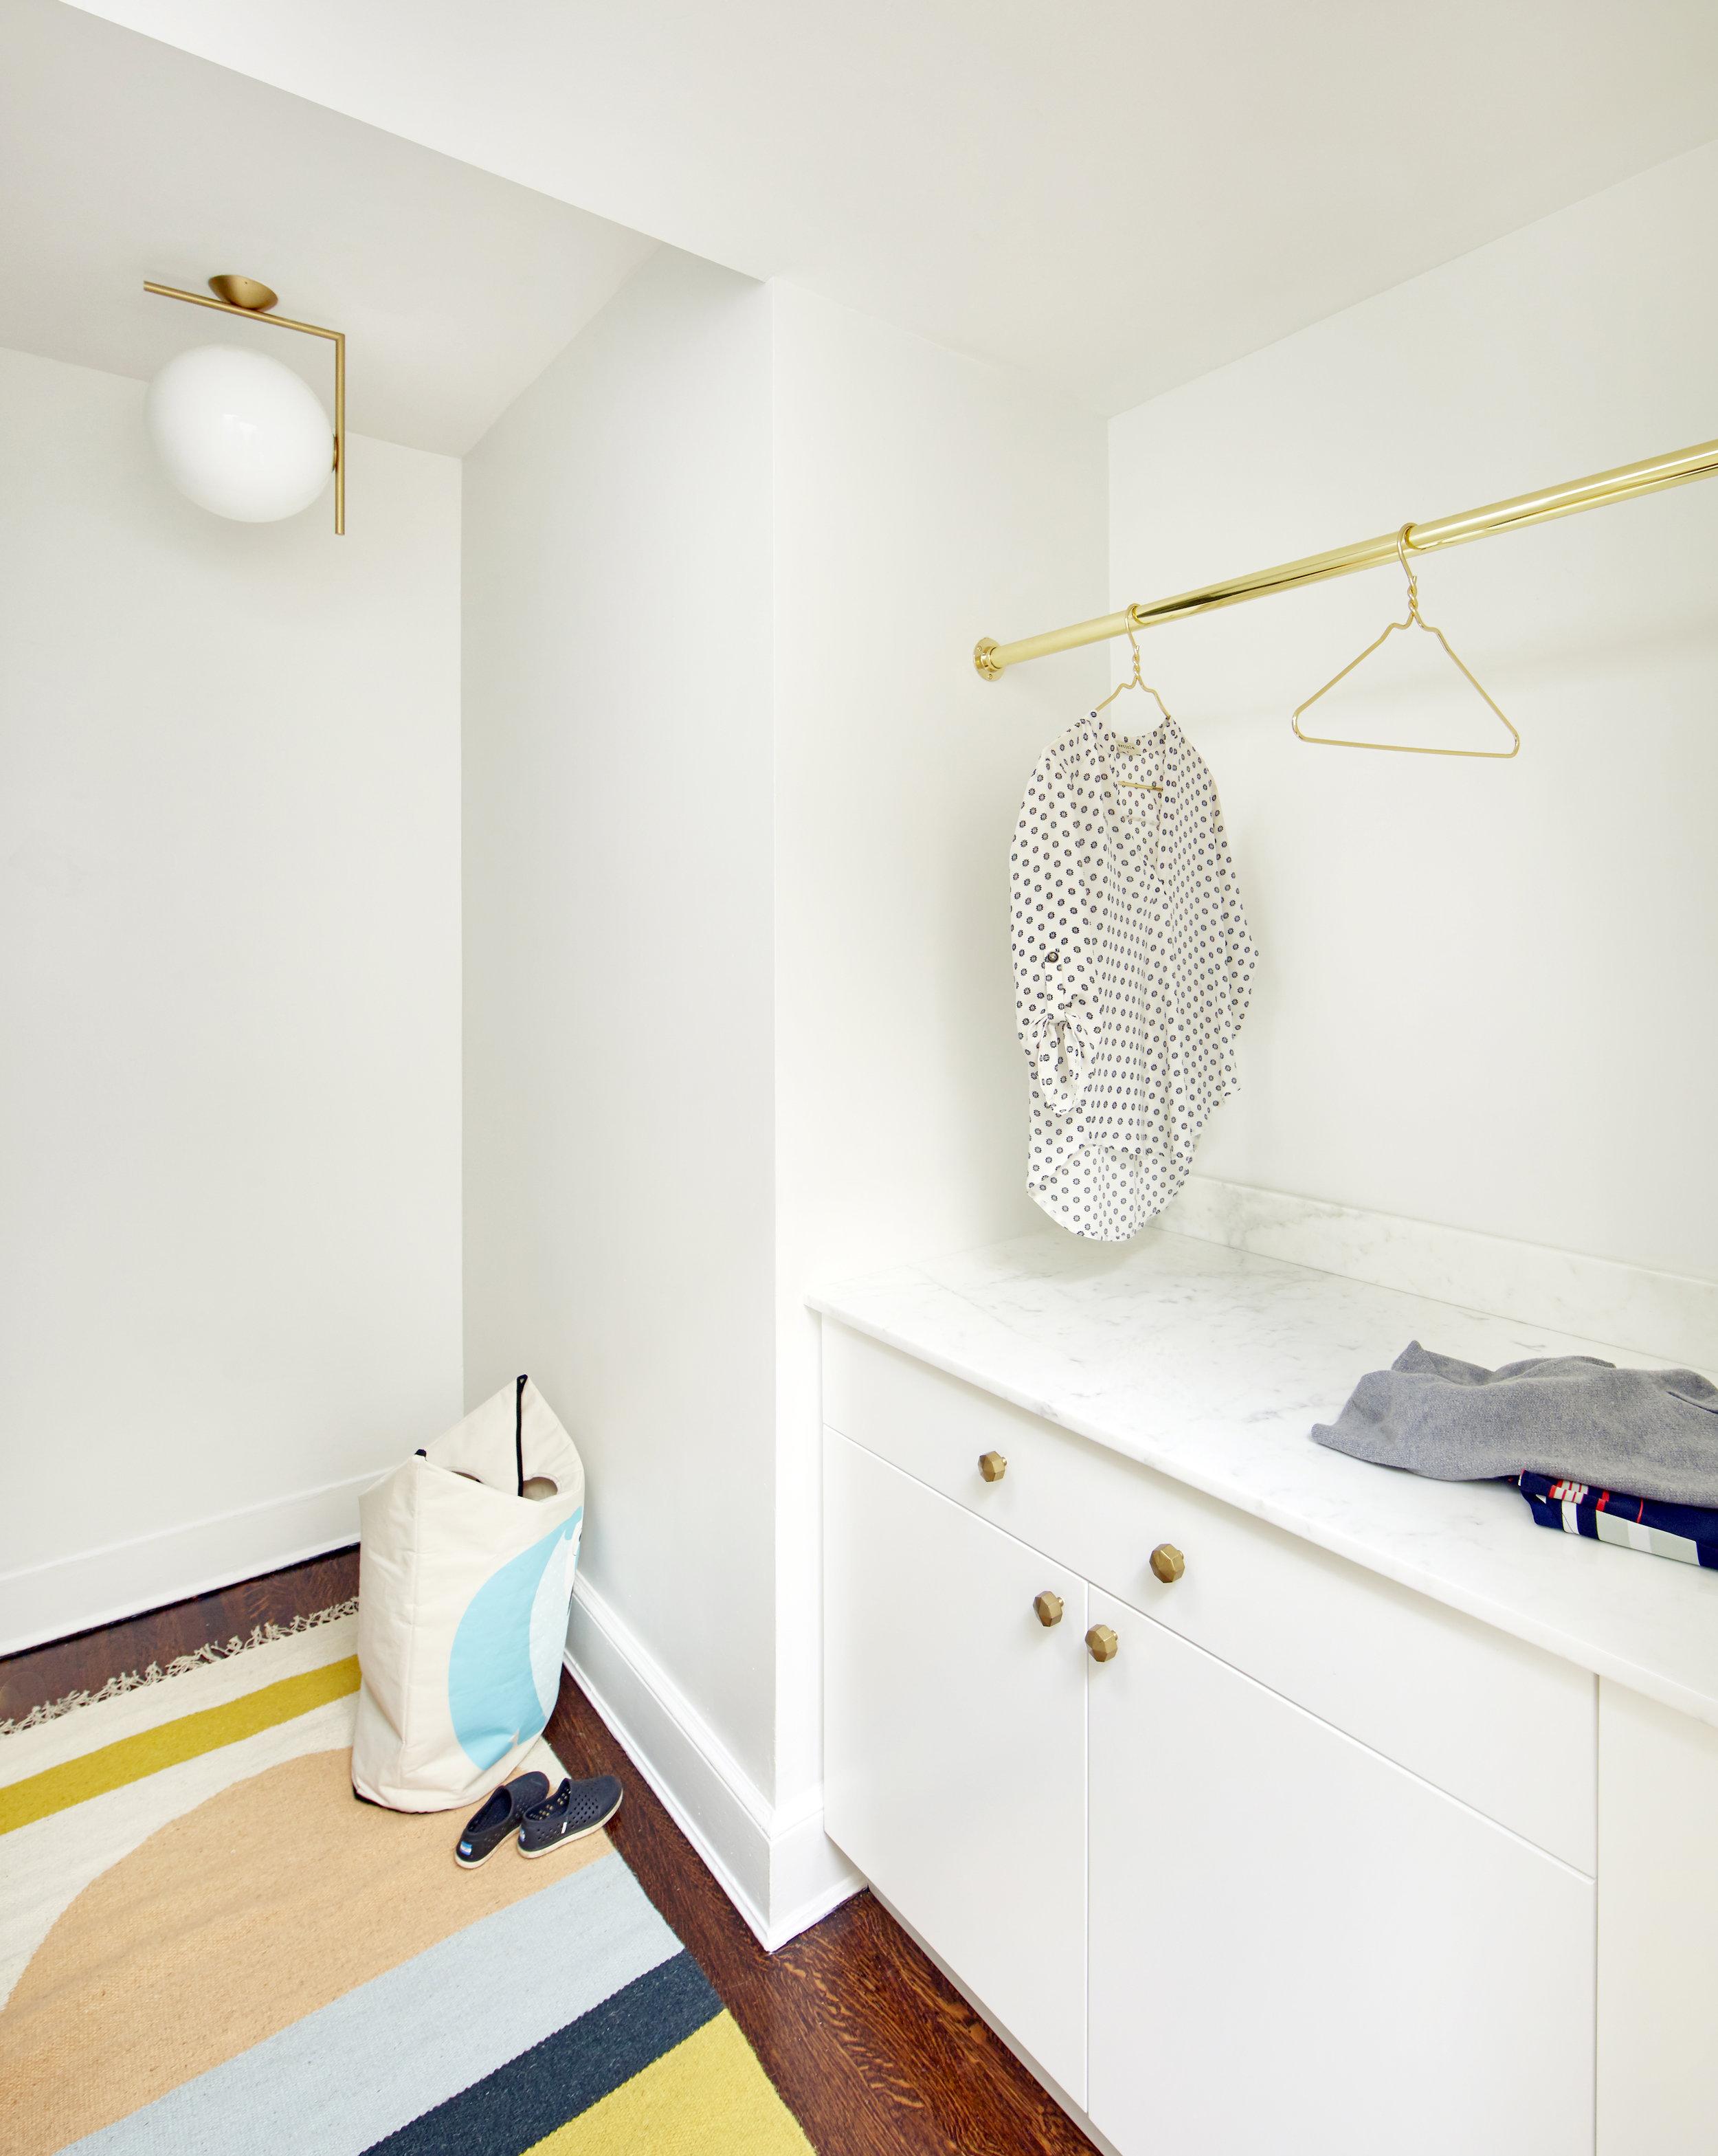 Walk-In-Dressing-Room-White-Gold-Rug-JMorris-Design-Interior-Designer-Brooklyn-New-York-Online.jpg